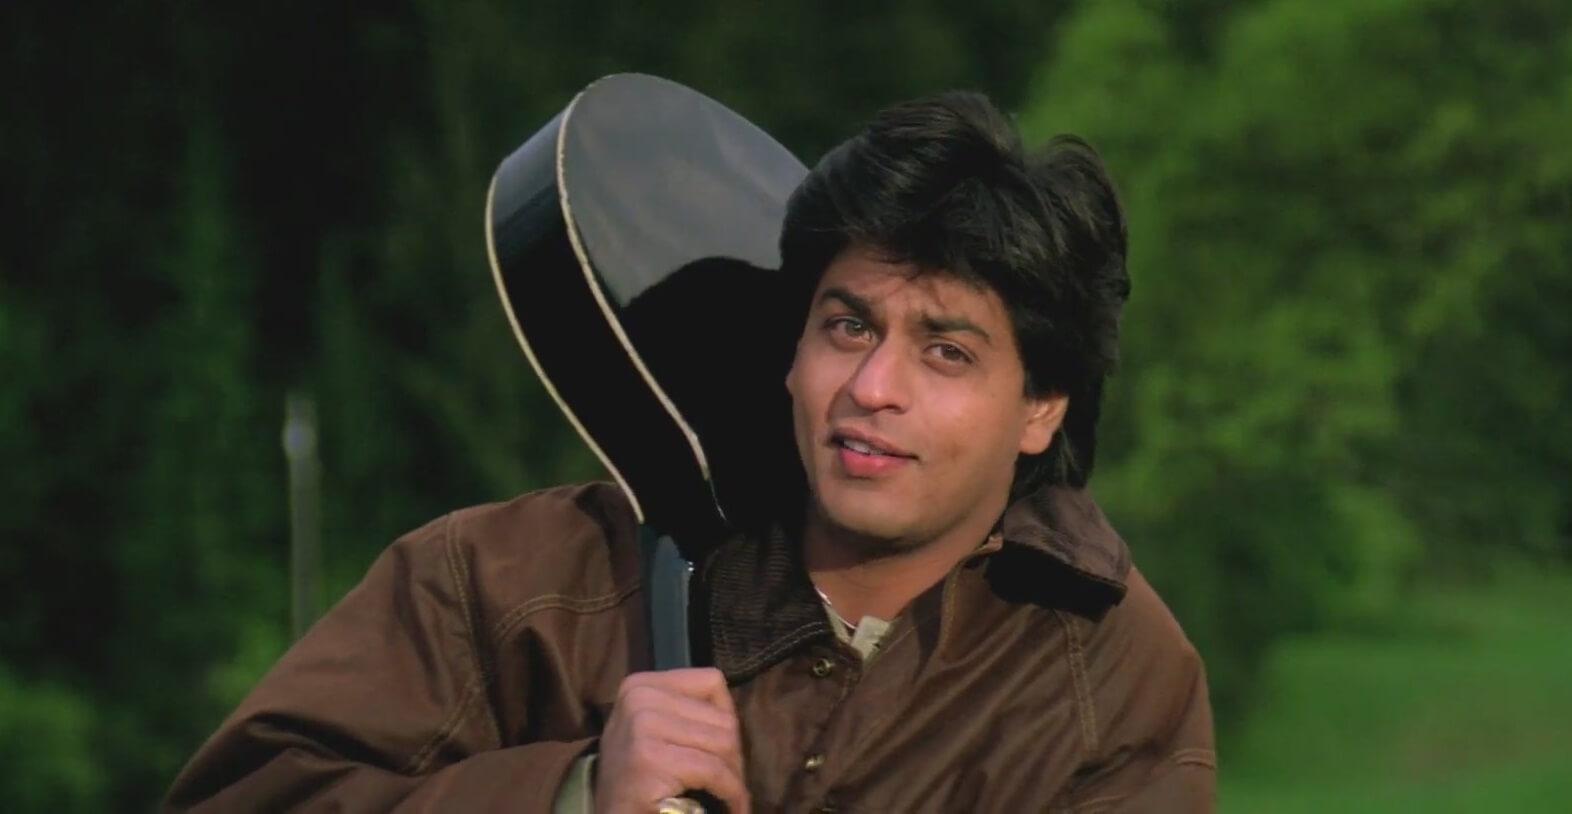 Shah Rukh Khan, SRK, DDLJ, Dilwale Dulhaniya Le Jayenge